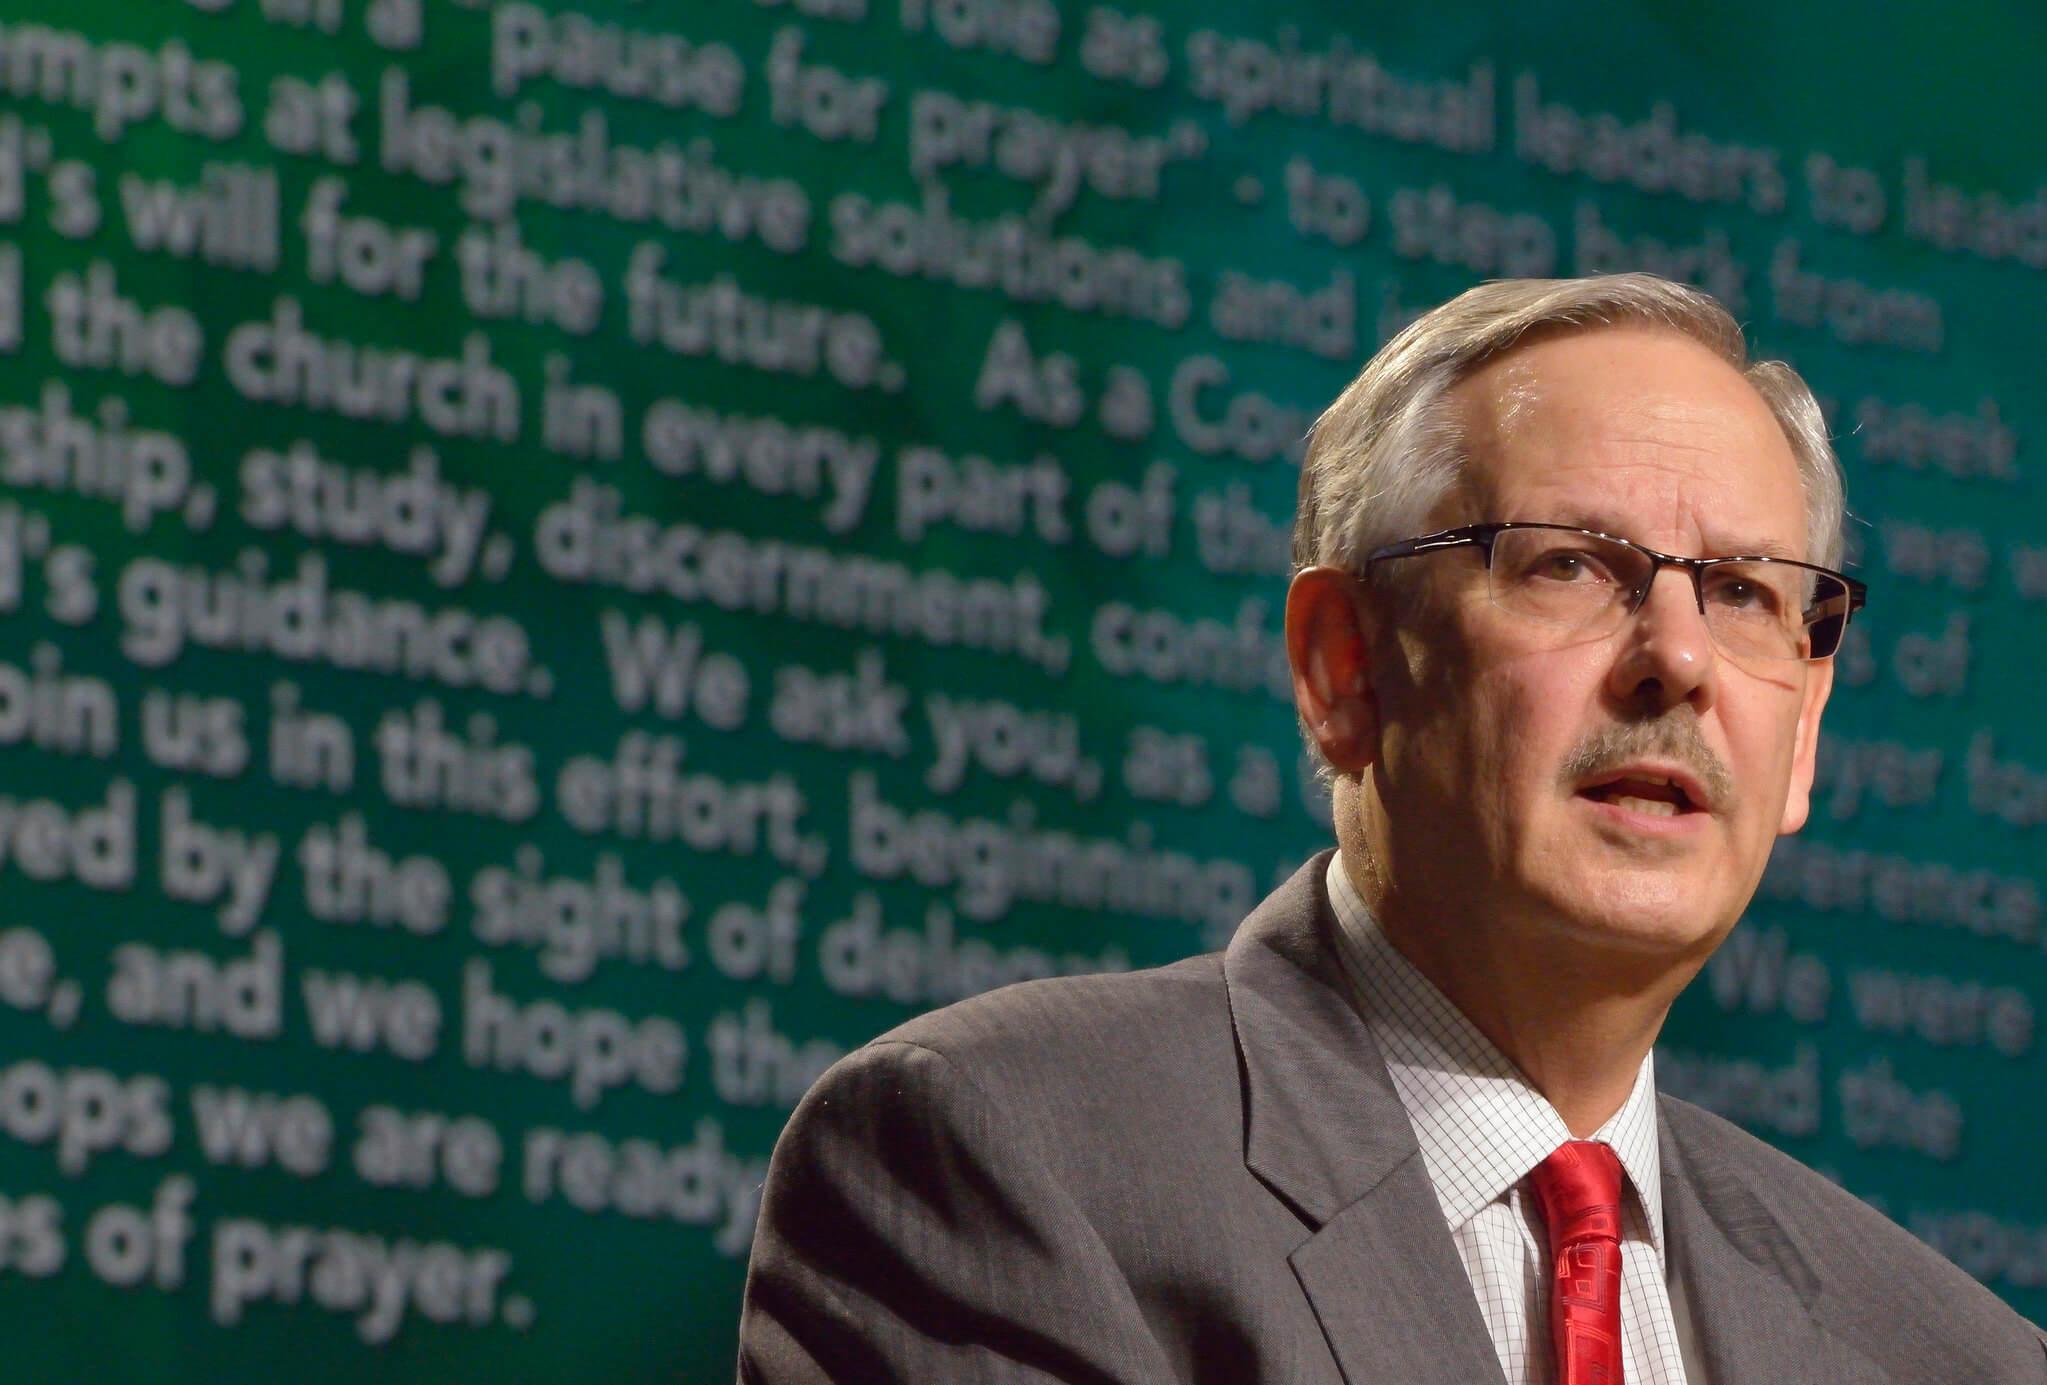 Bischof Bruce R. Ough während der Generalkonferenz 2016